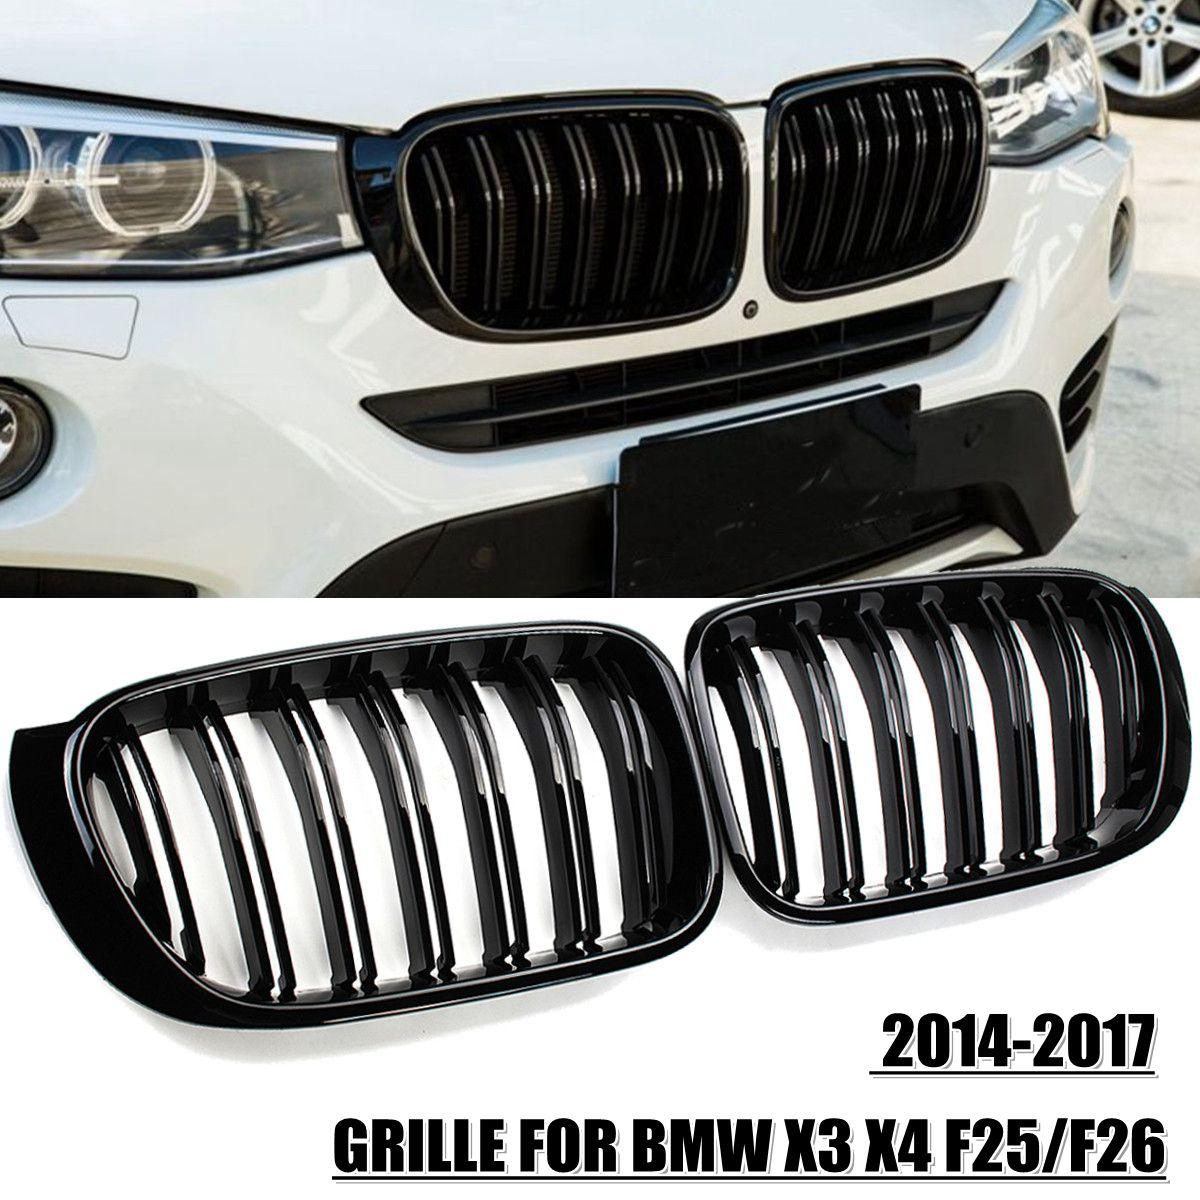 2X M نمط سيارة الجبهة مصبغة شواء شبكة صافي تقليم قطاع غطاء لمعان أسود ل BMW X3 X4 F25 F26 2014 2015 2016 2017